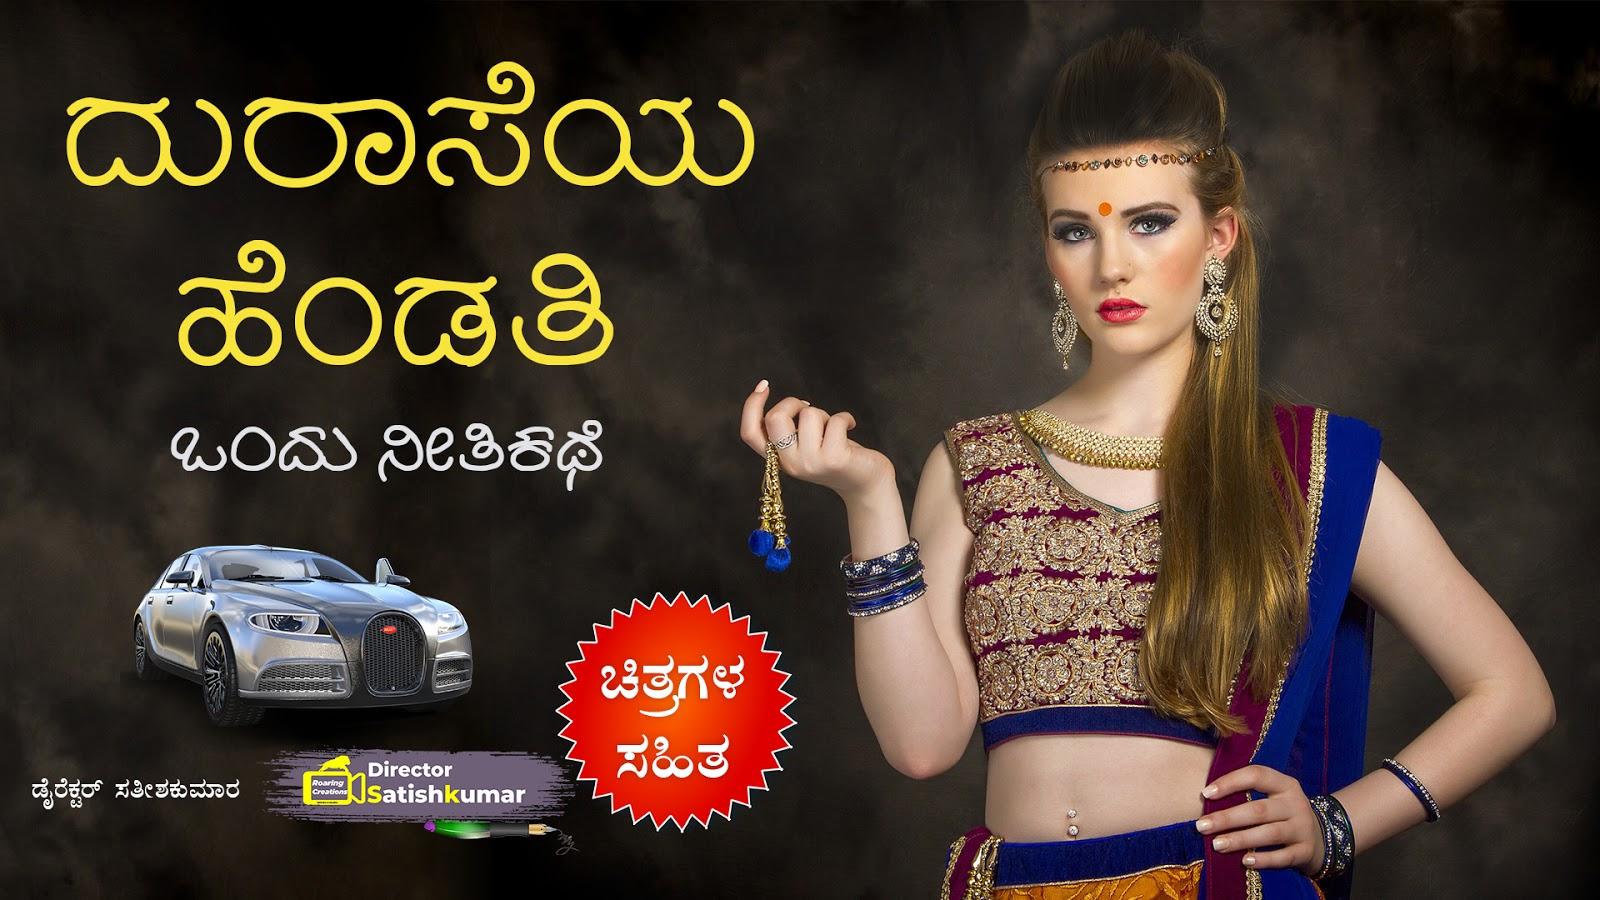 ದುರಾಸೆಯ ಹೆಂಡತಿ : ಒಂದು ನೀತಿಕಥೆ - Kannada Moral Story - ಕನ್ನಡ ಕಥೆ ಪುಸ್ತಕಗಳು - Kannada Story Books -  E Books Kannada - Kannada Books